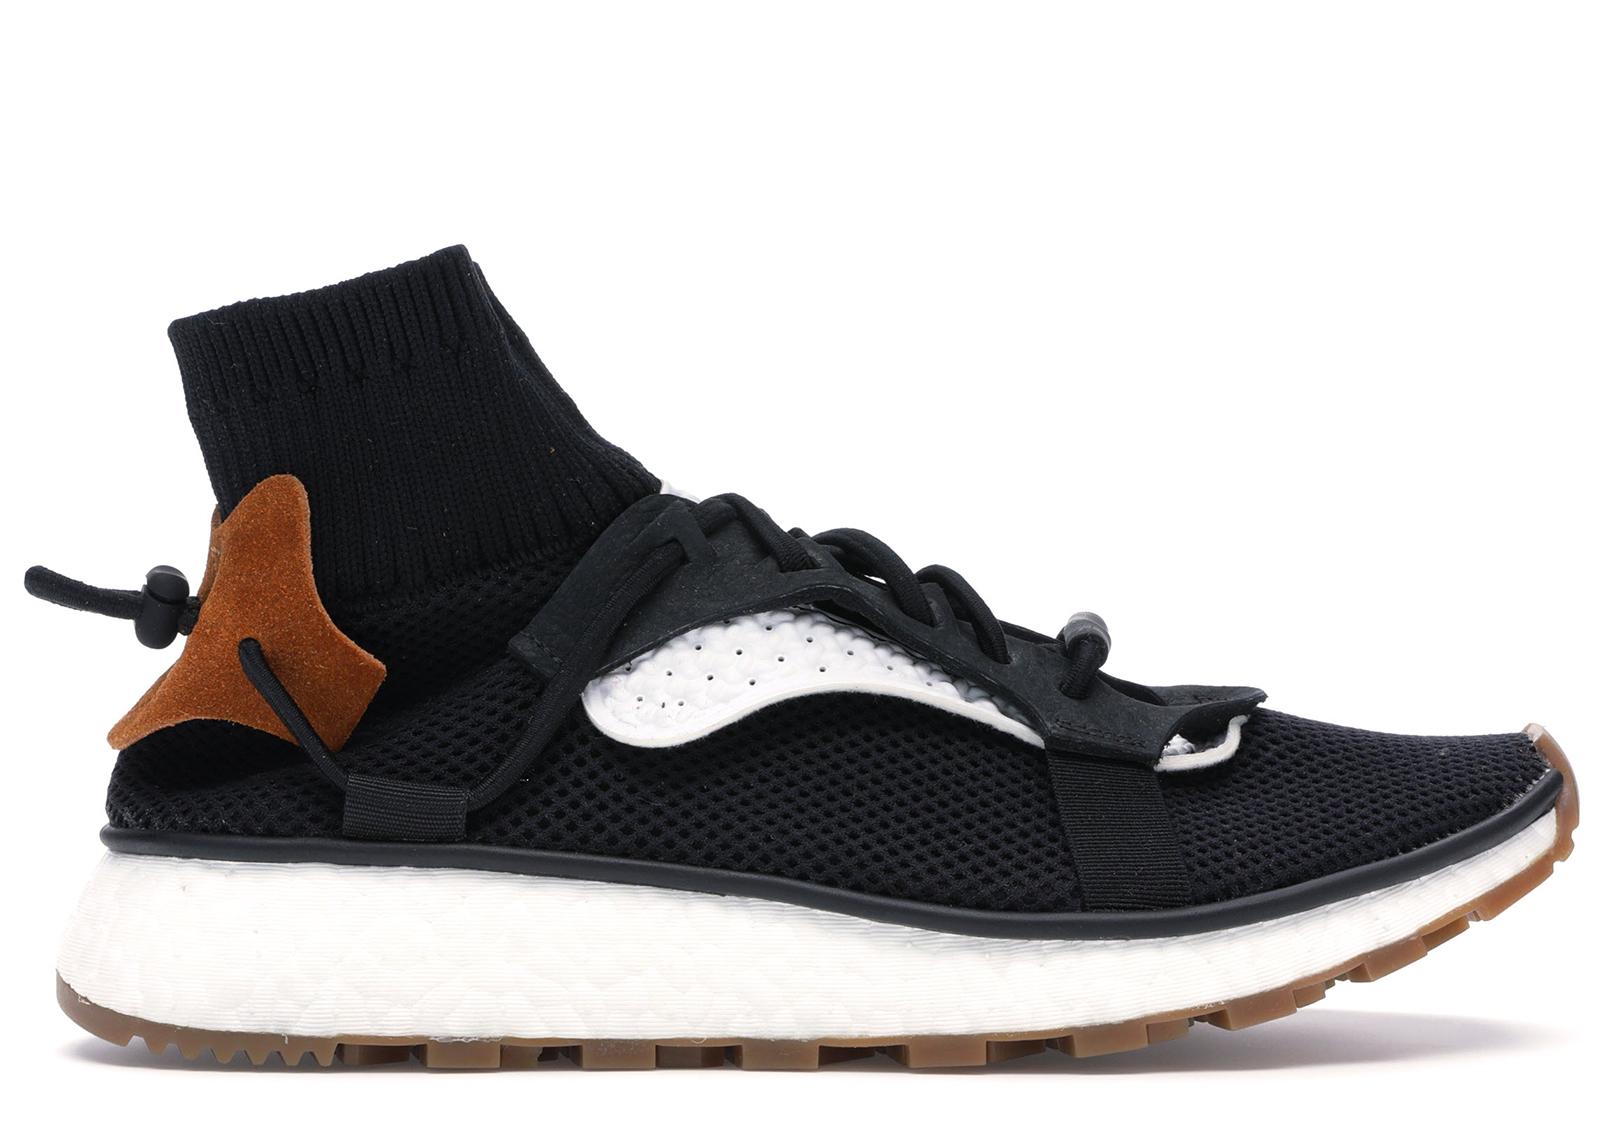 adidas x Alexander Wang AW Run Sneakers Weiß Herren Schuhe